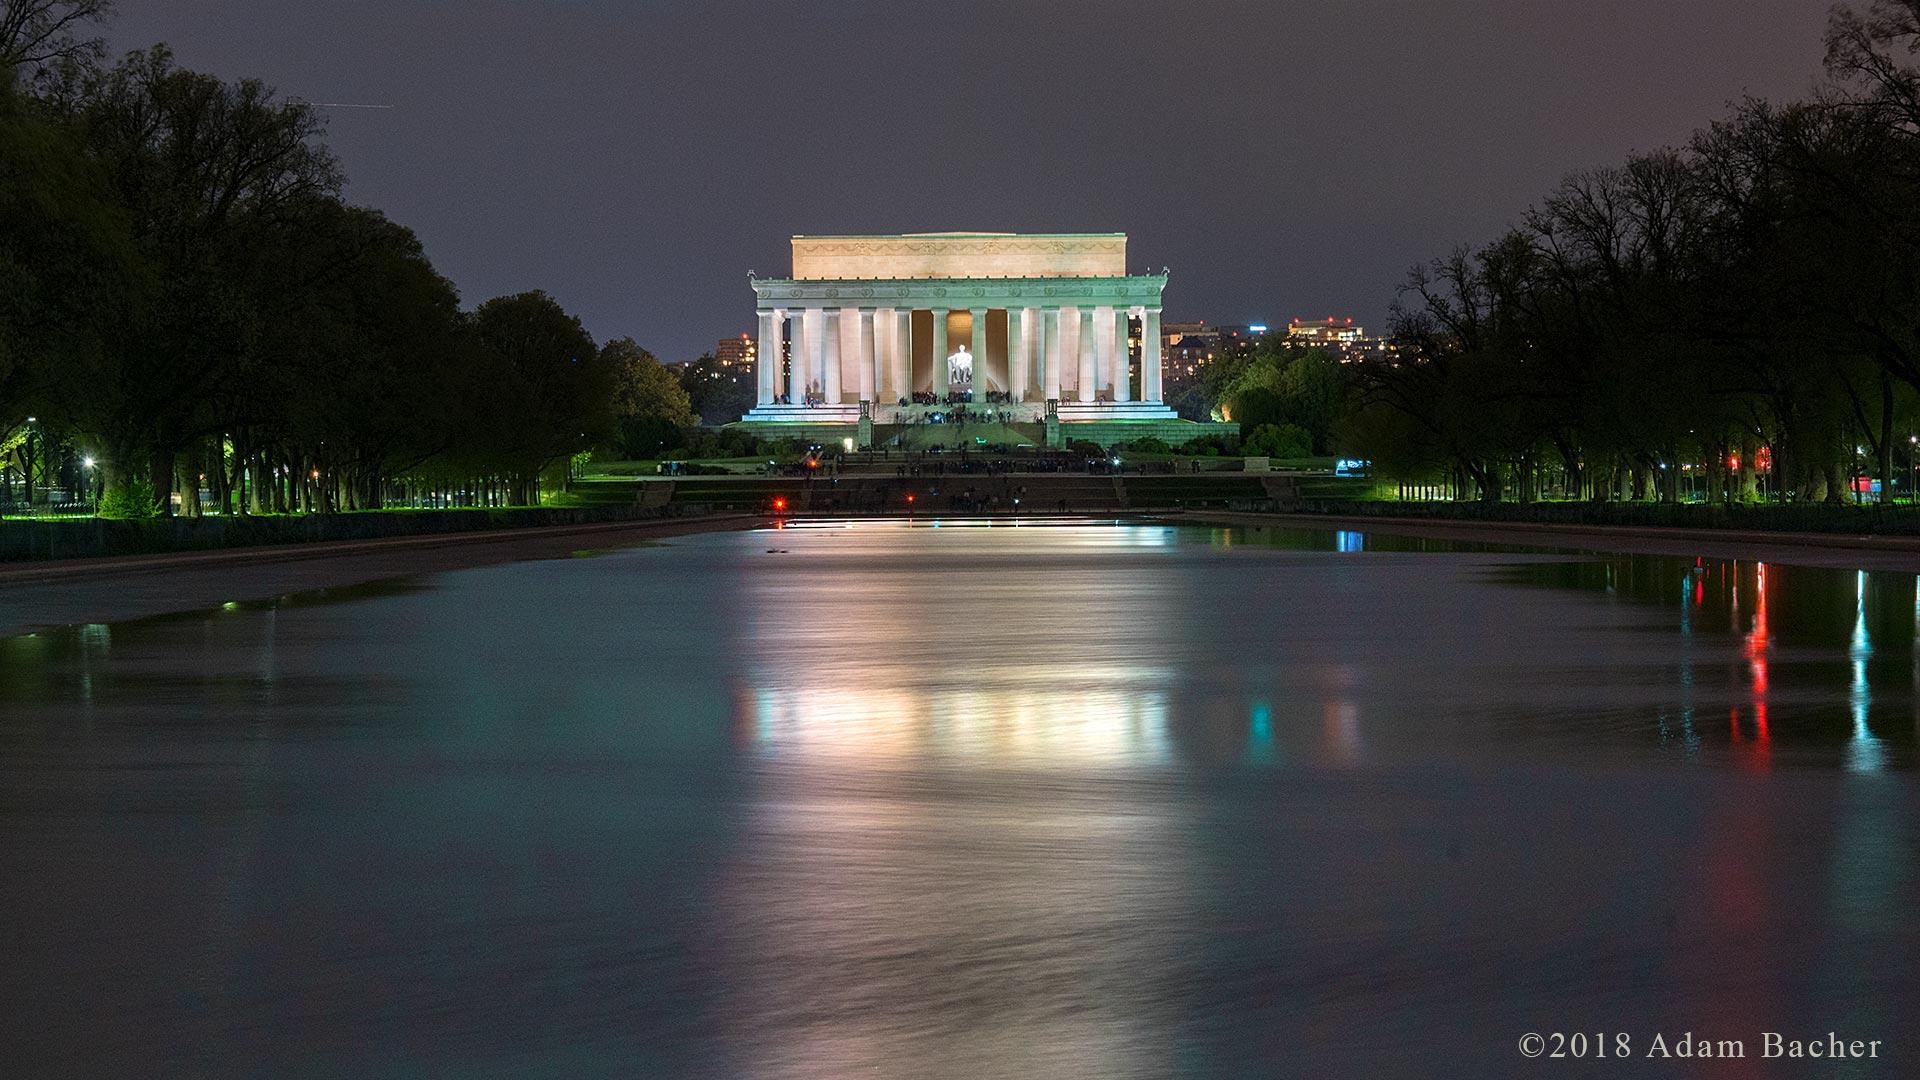 Lincoln memorial at night, Washington DC